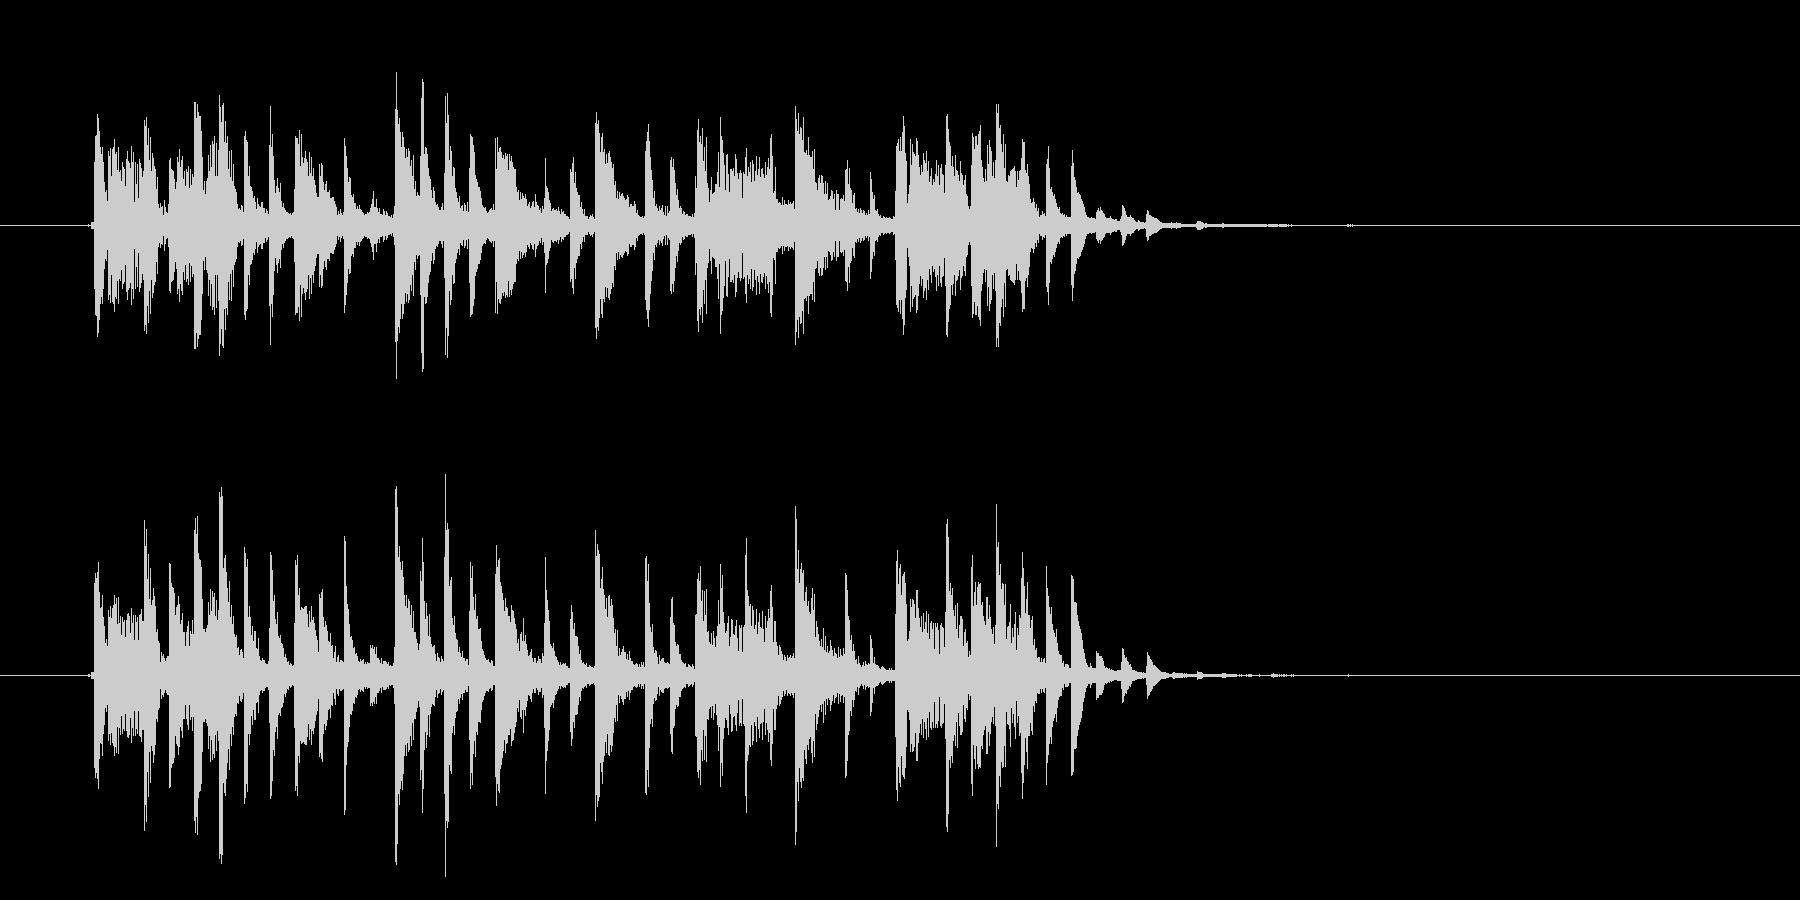 リズミカルで緩やかなテクノポップジングルの未再生の波形